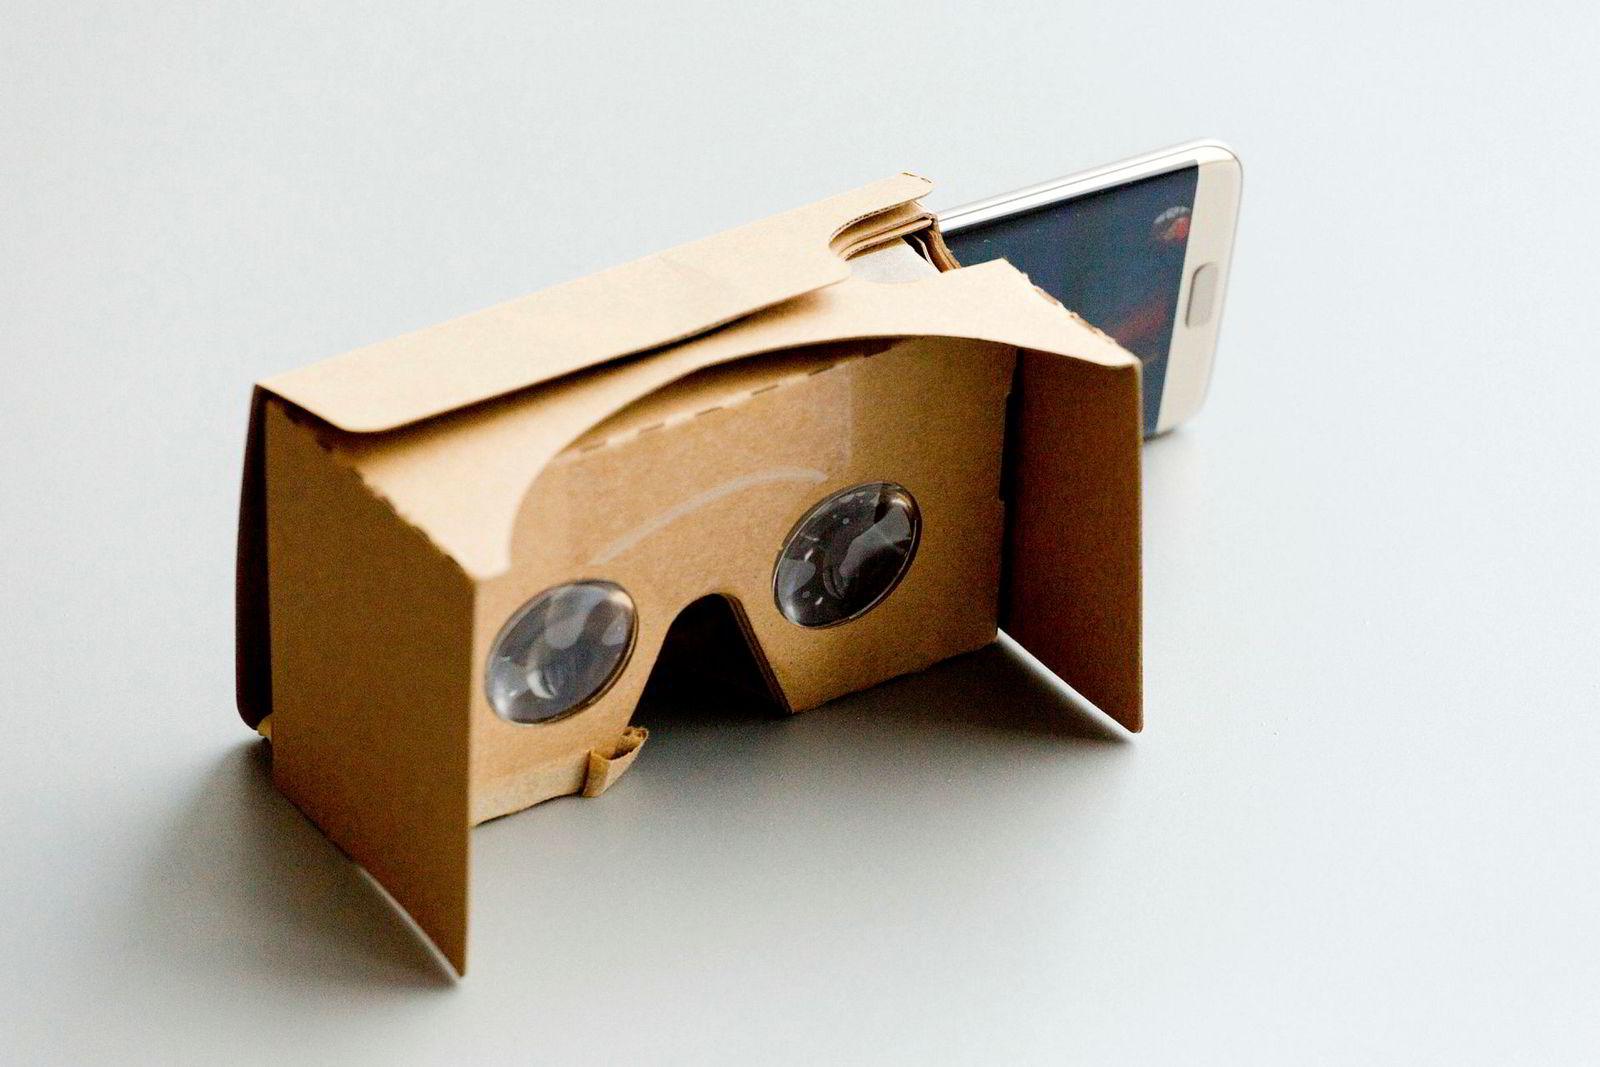 Den enkleste formen for VR-briller er laget av papp og fungerer ved hjelp av to linser og en smarttelefon.